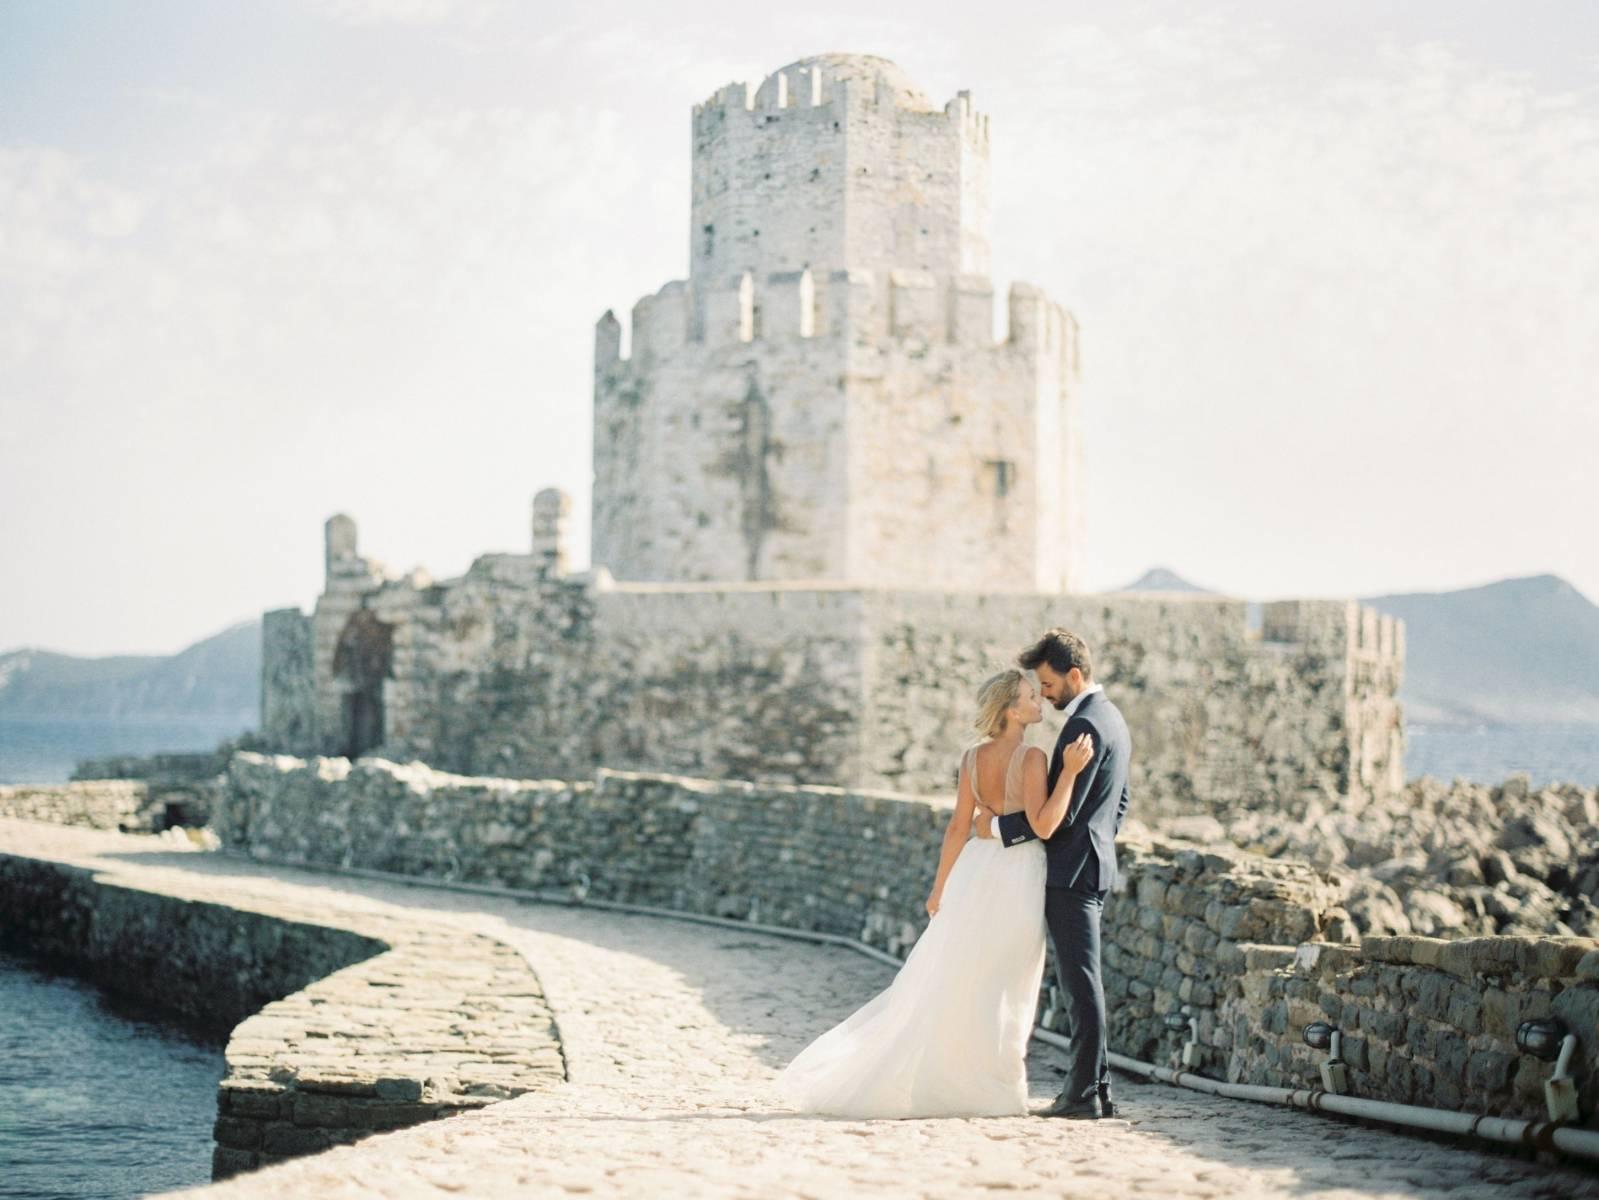 Elisabeth Van Lent - Huwelijksfotograaf - Fine Art - House of Weddings - 3